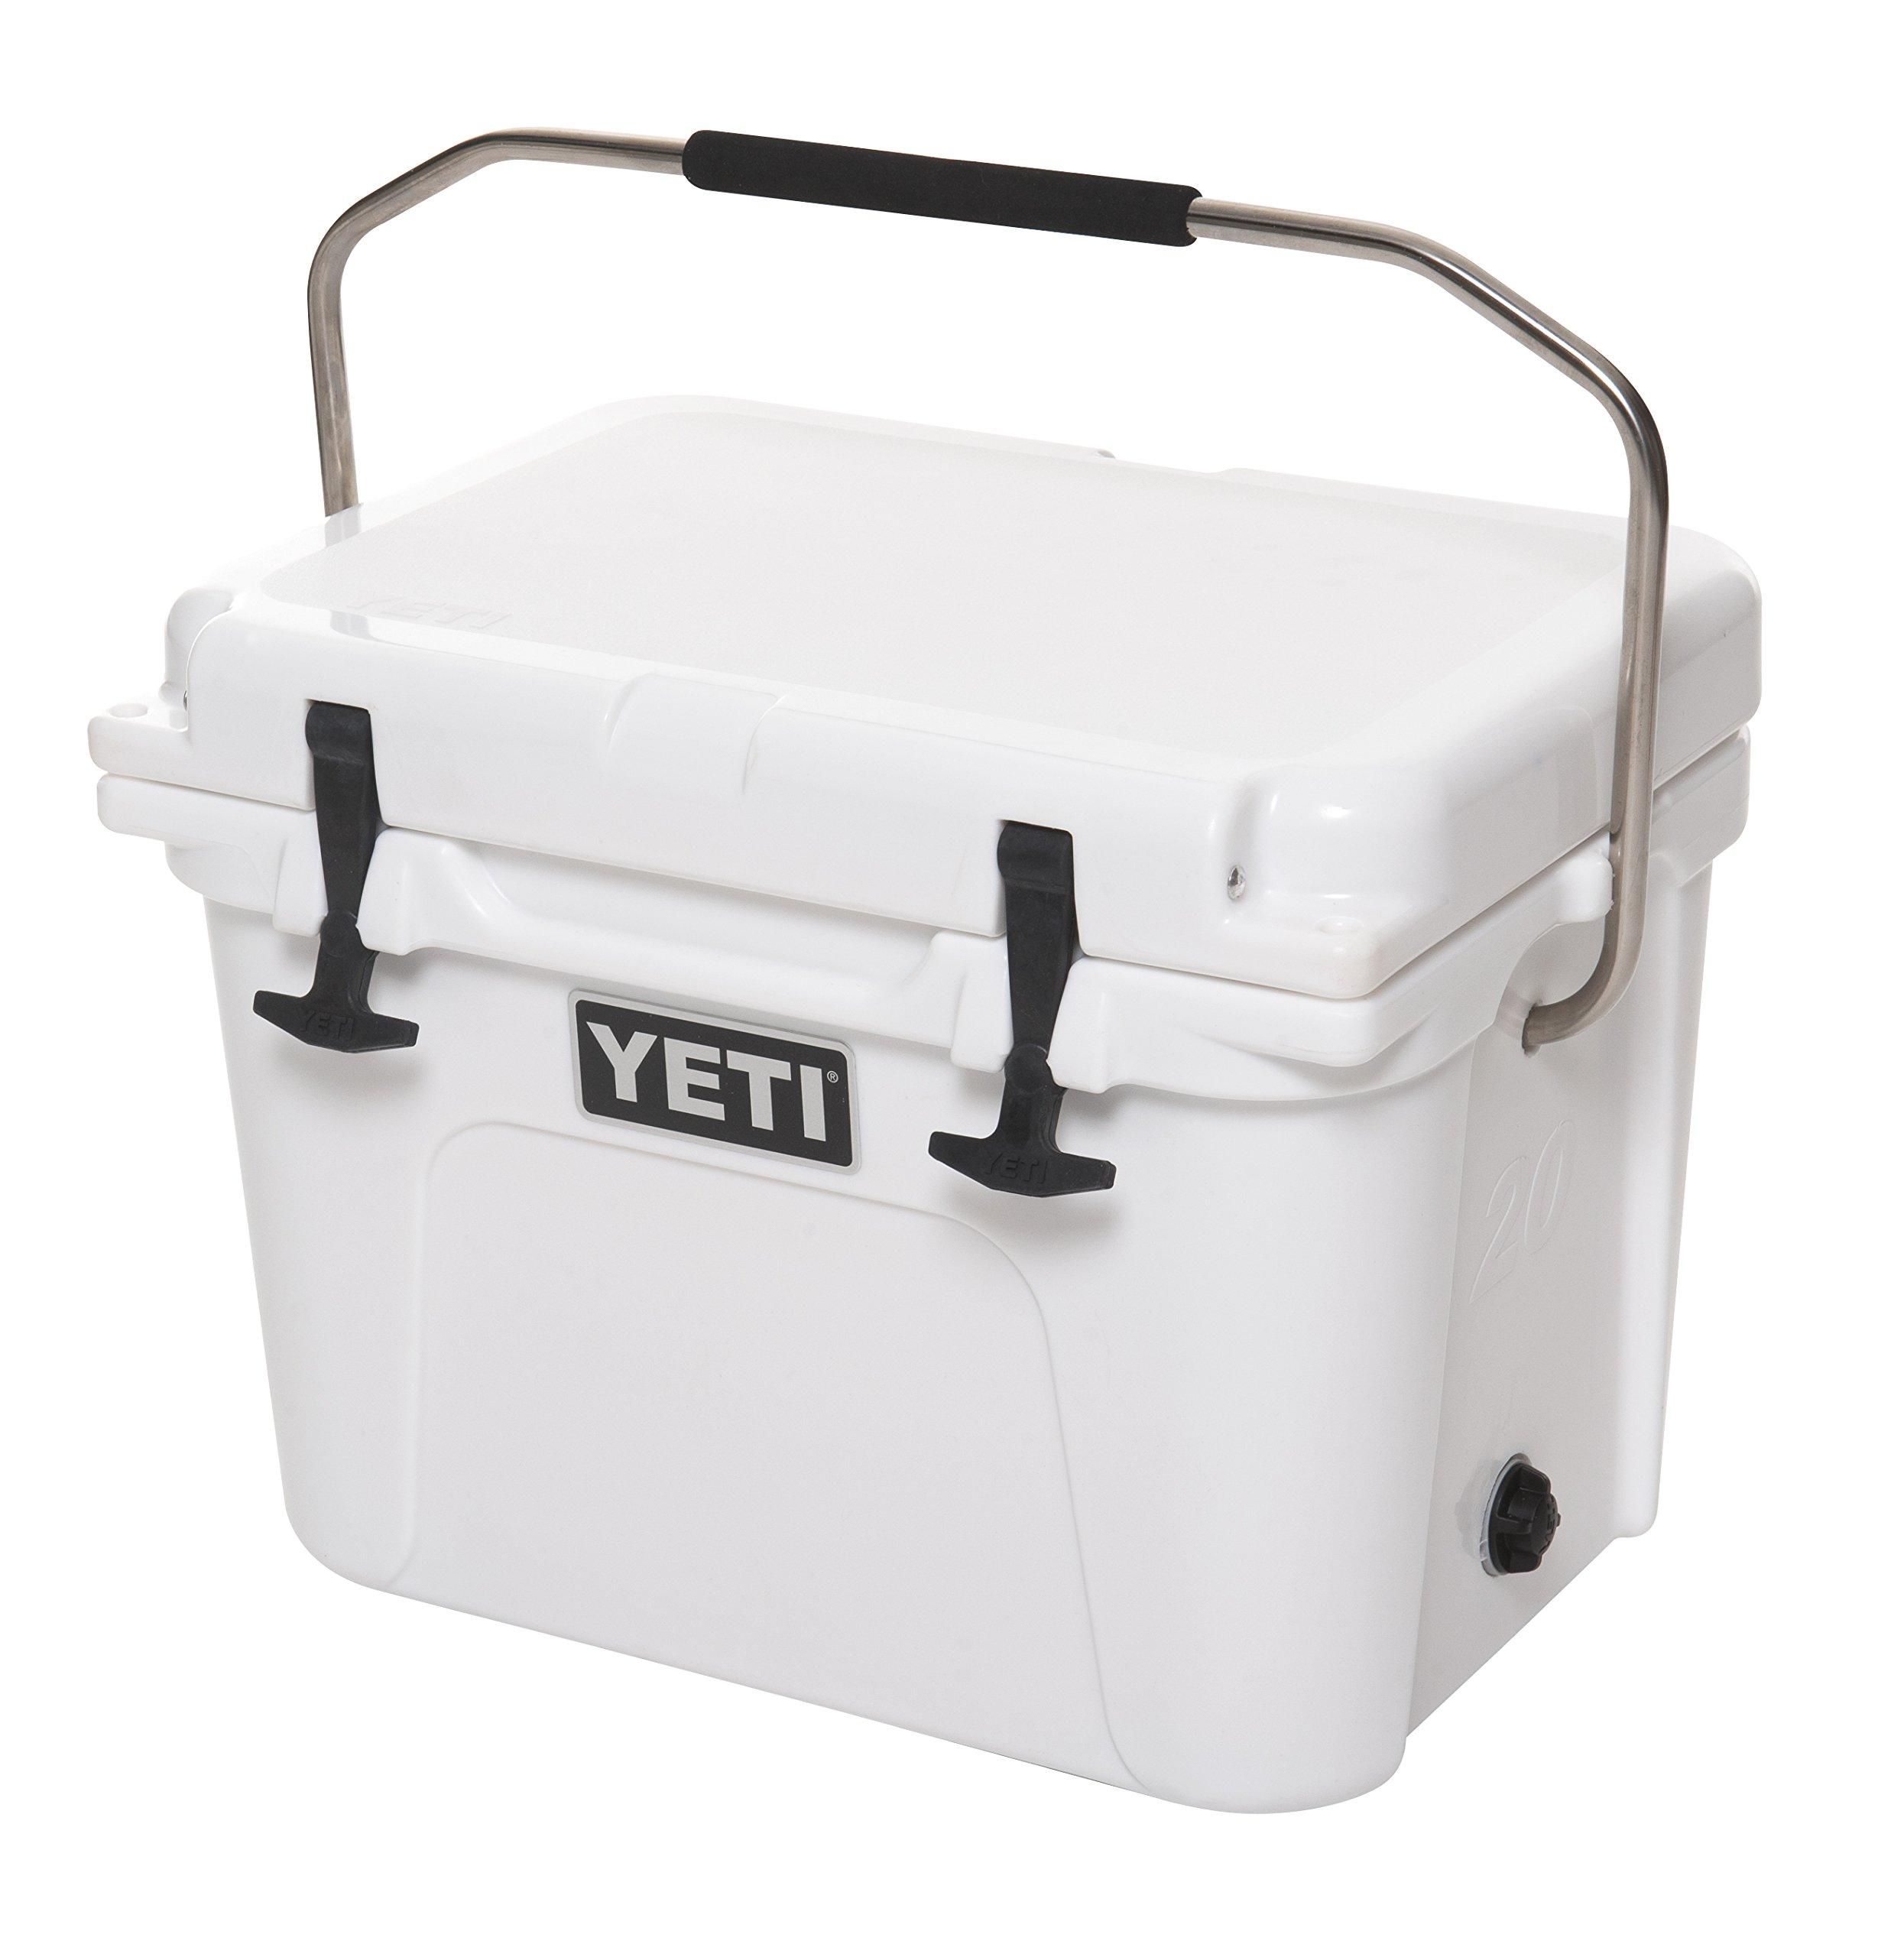 YETI Roadie 20 Cooler, White by YETI